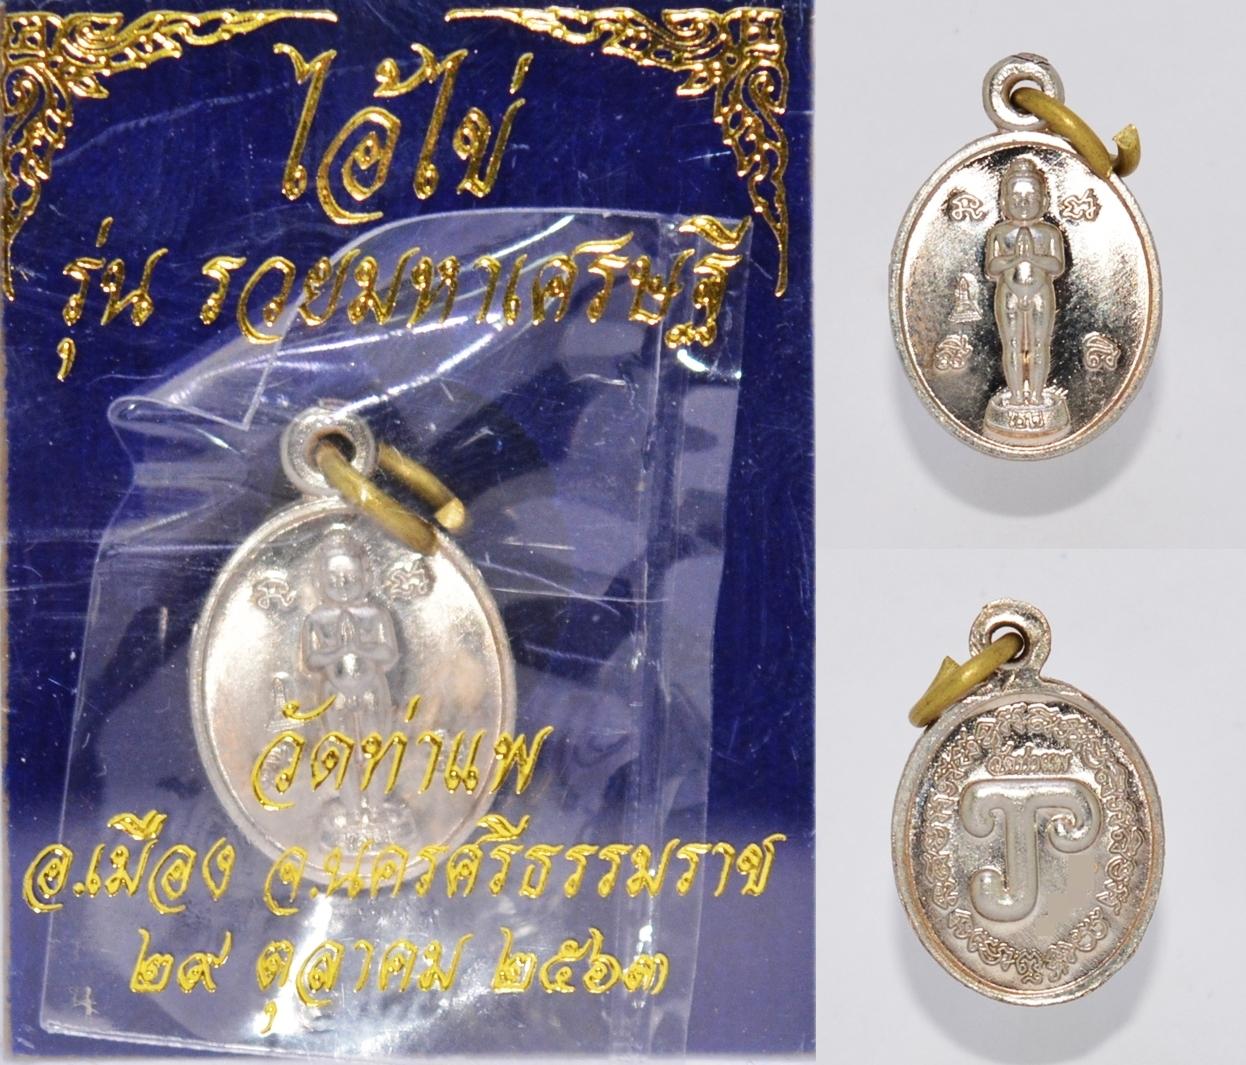 เหรียญเม็ดแตงไอ้ไข่เรียกทรัพย์ เนื้ออัลปาก้า รุ่นรวยมหาเศรษฐี วัดท่าแพ 2563 ขนาด 2.0*1.4 ซม